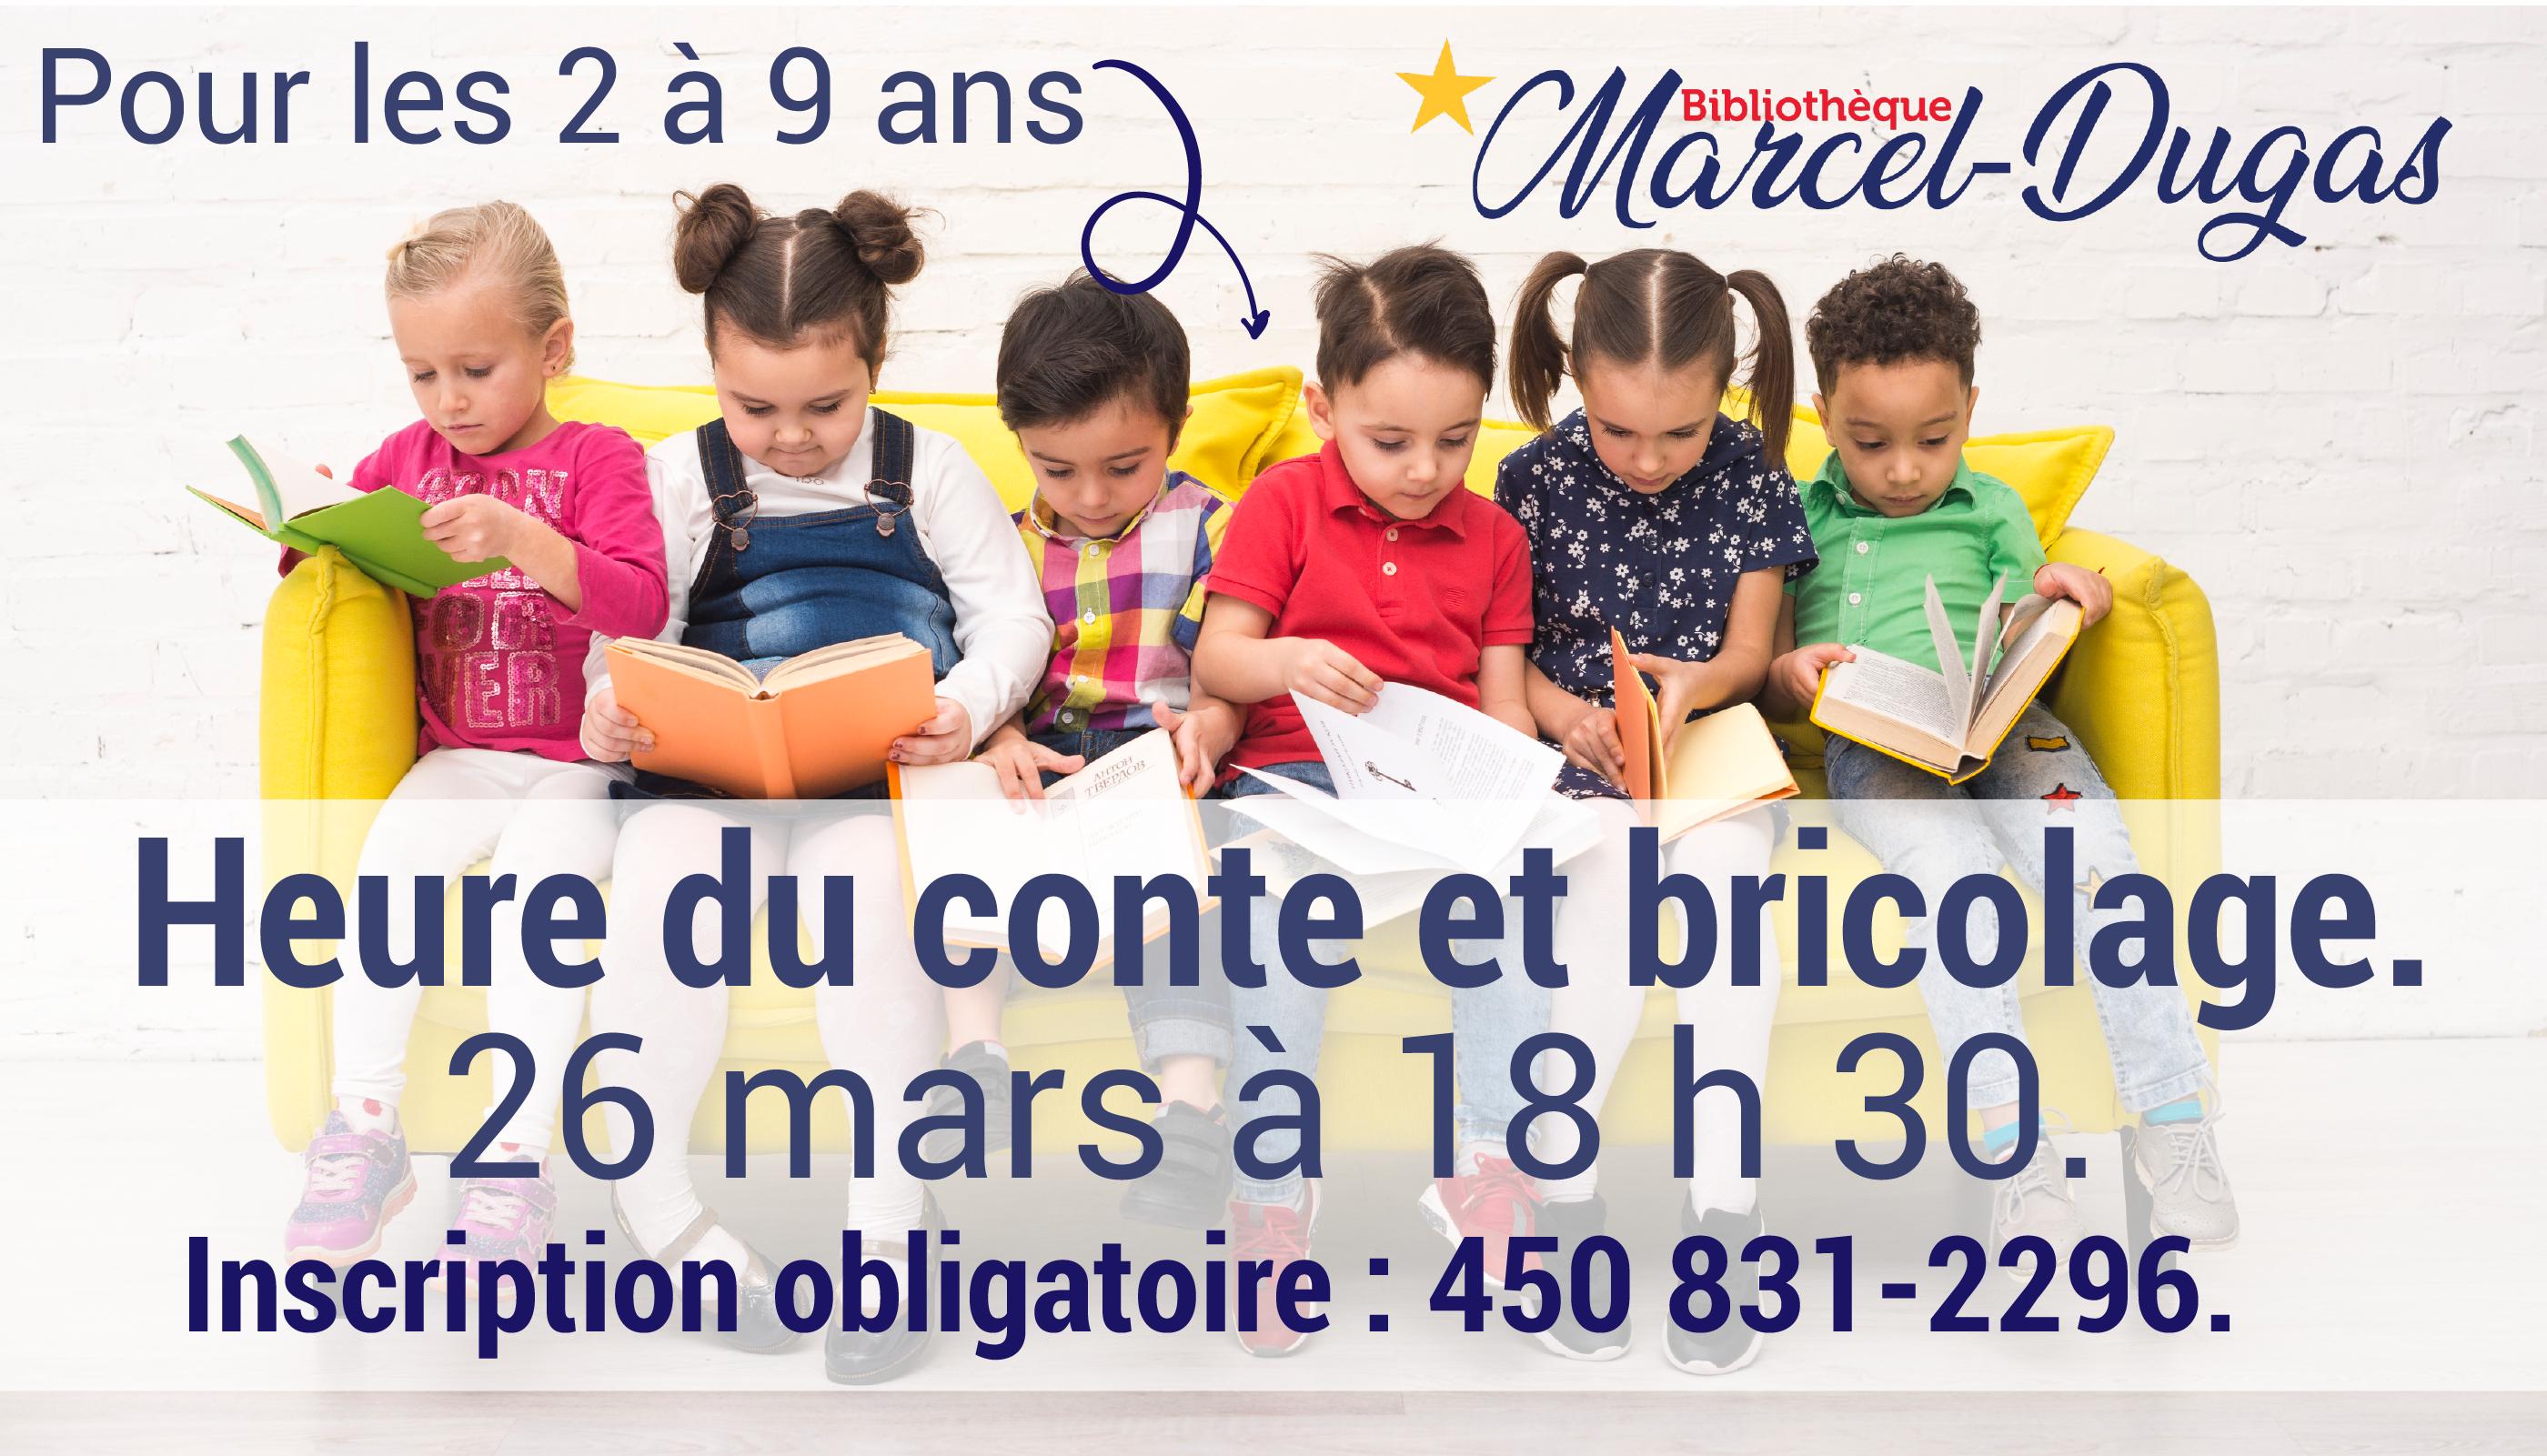 Heure du conte et bricolage @ Bibliothèque Marcel-Dugas